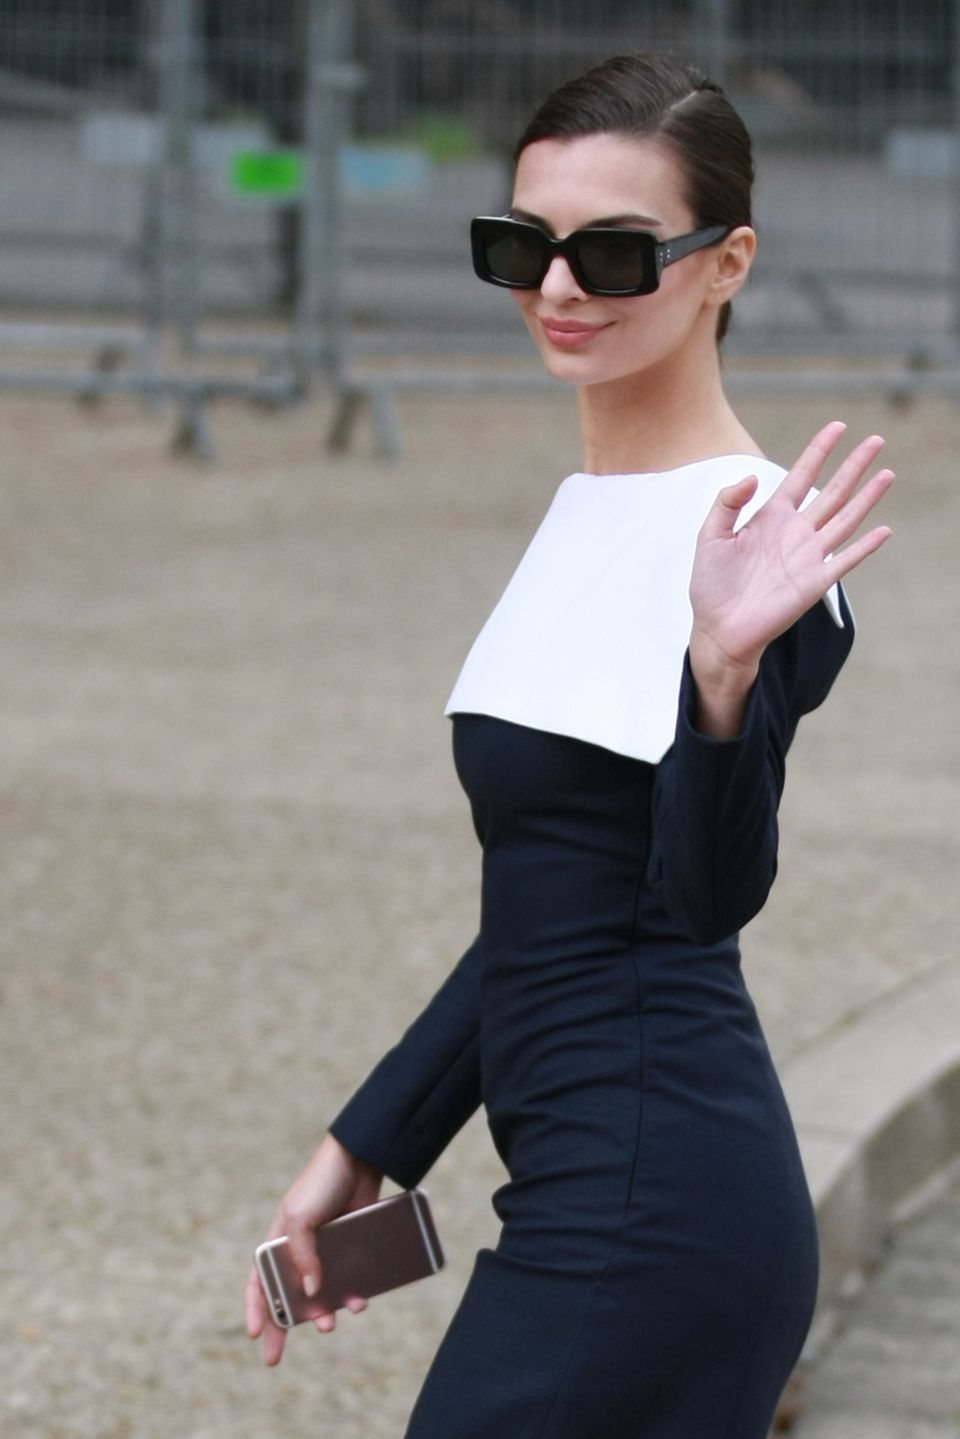 Wie die junge Audrey Hepburn sieht Emily Ratajkowski aus, als sie kurz vor Beginn der Show über den Vorplatz der Location läuft.